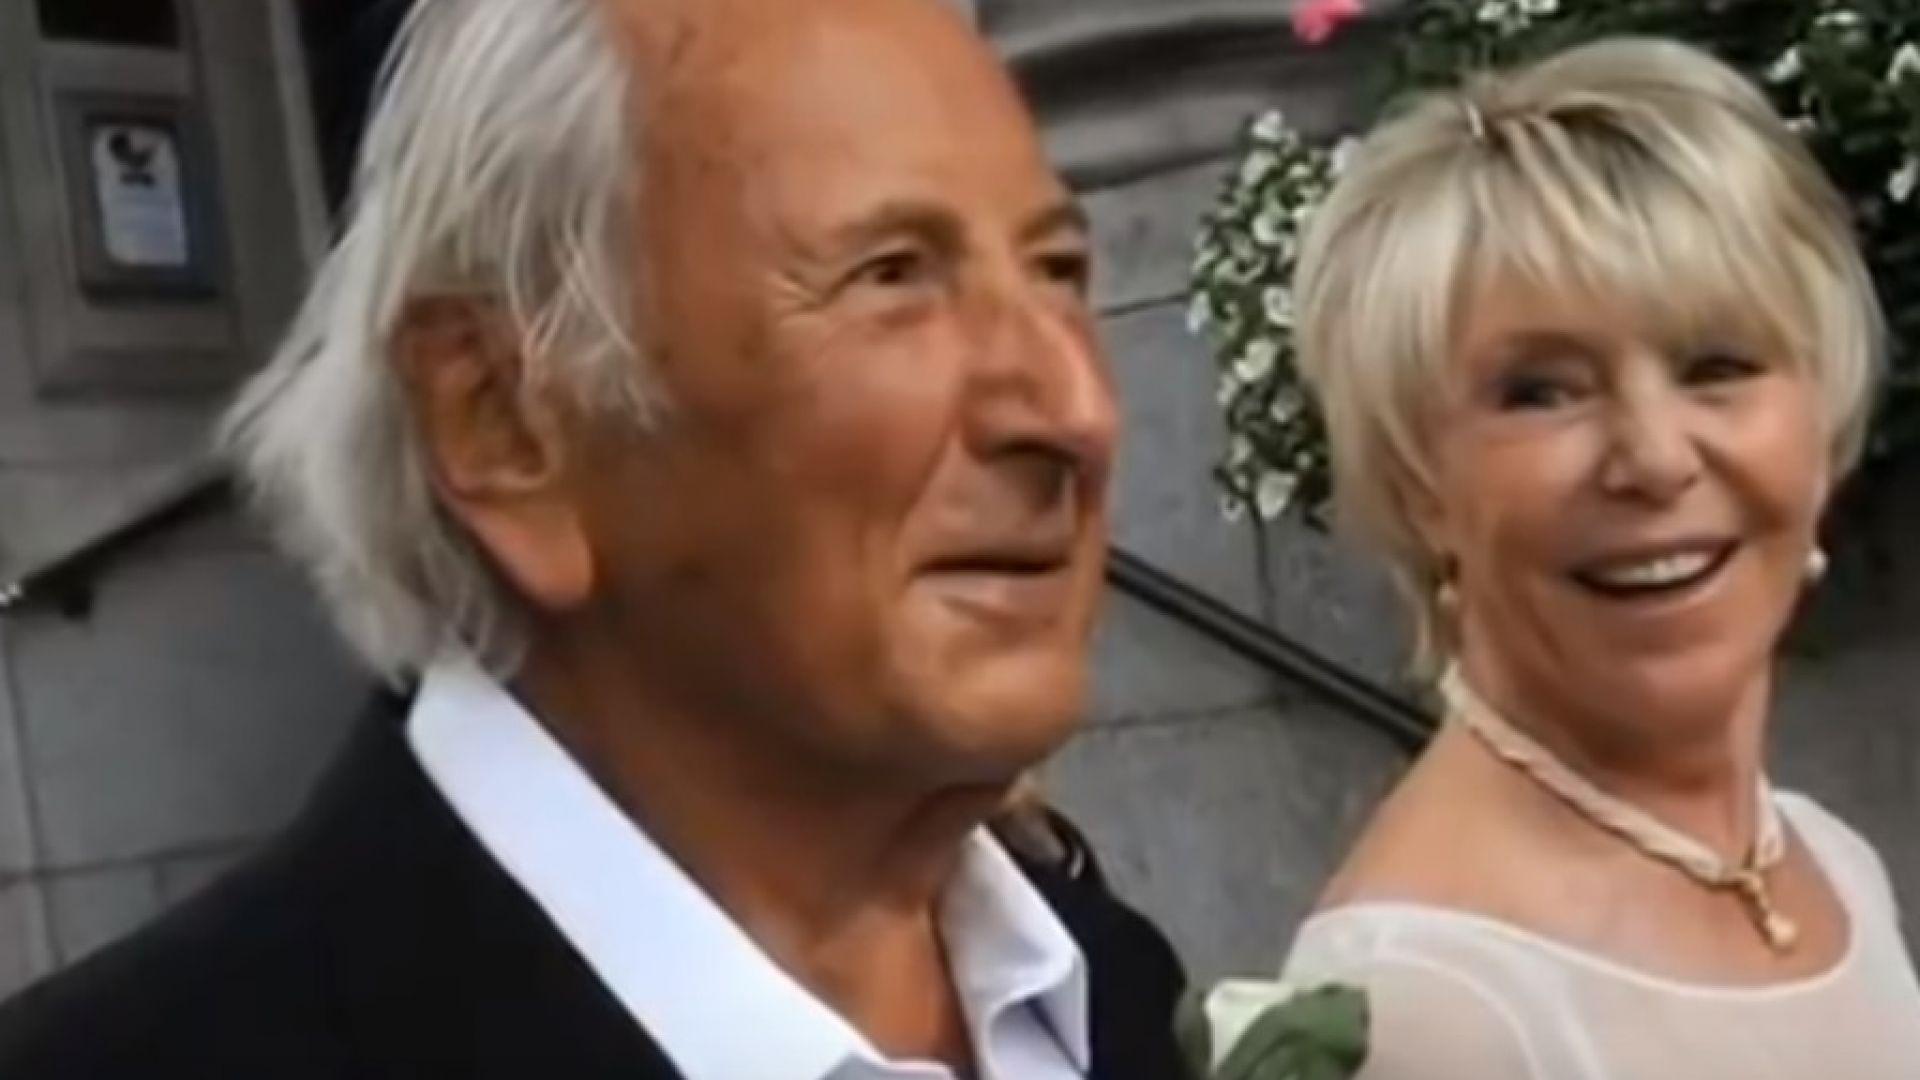 Българка пребила вдовицата на известен британски режисьор с чайник и щанга